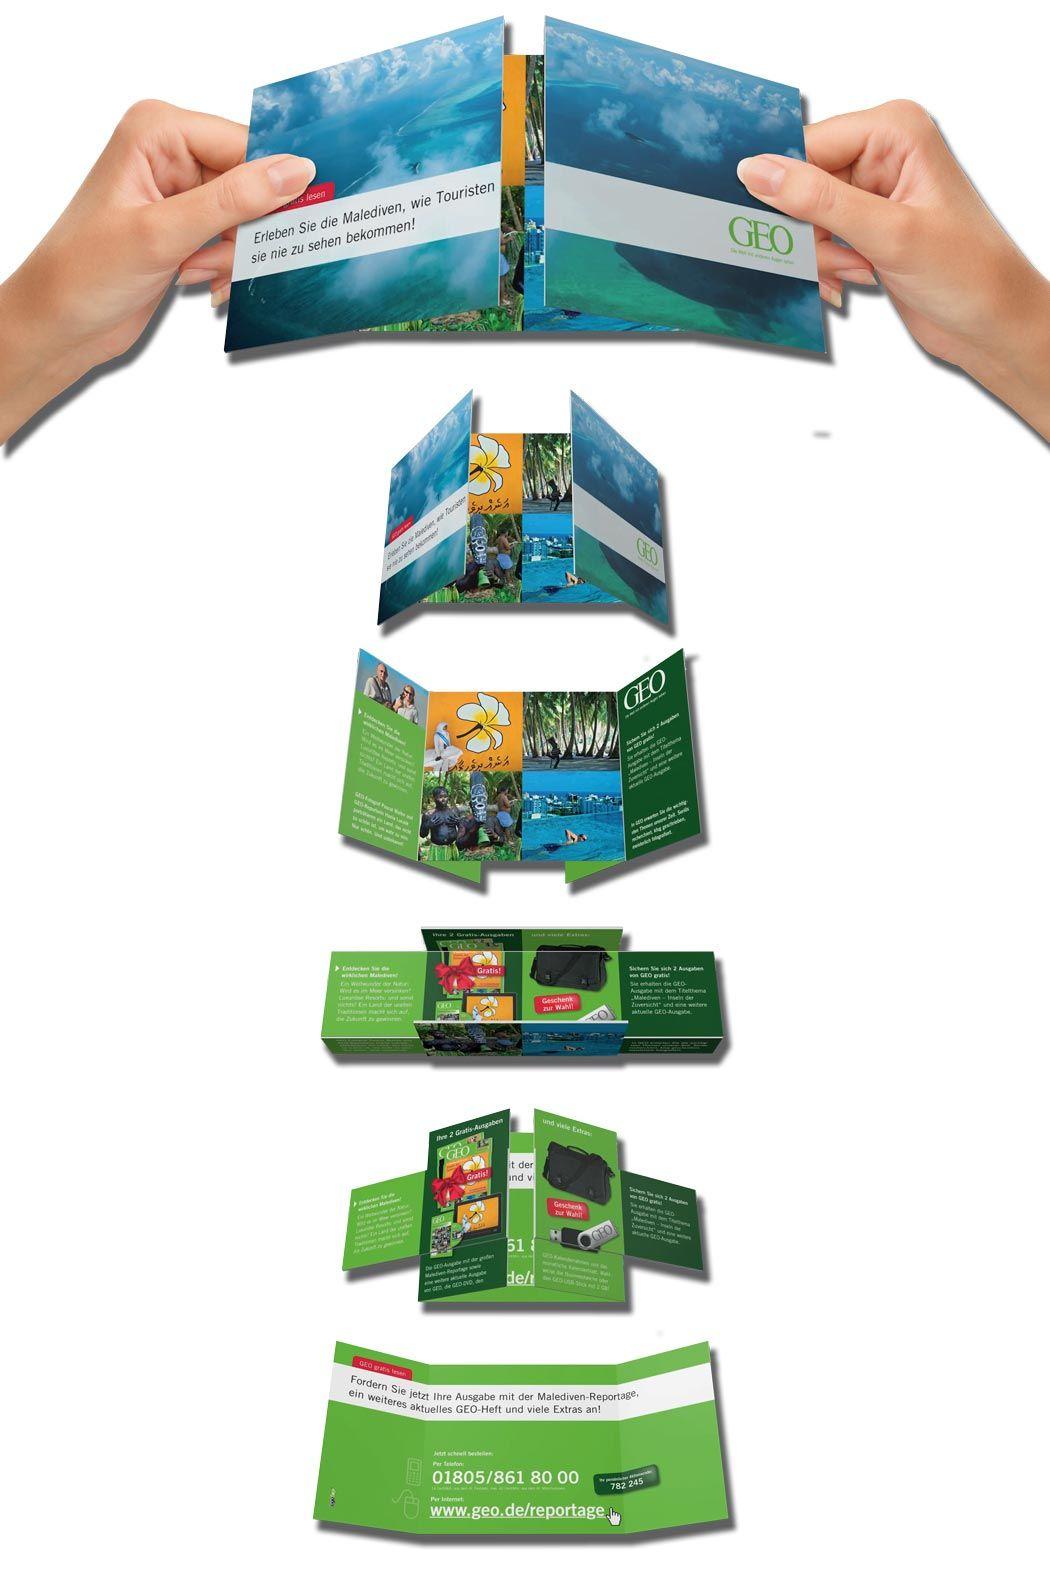 Logolopp, Werbemittel Touch GmbH